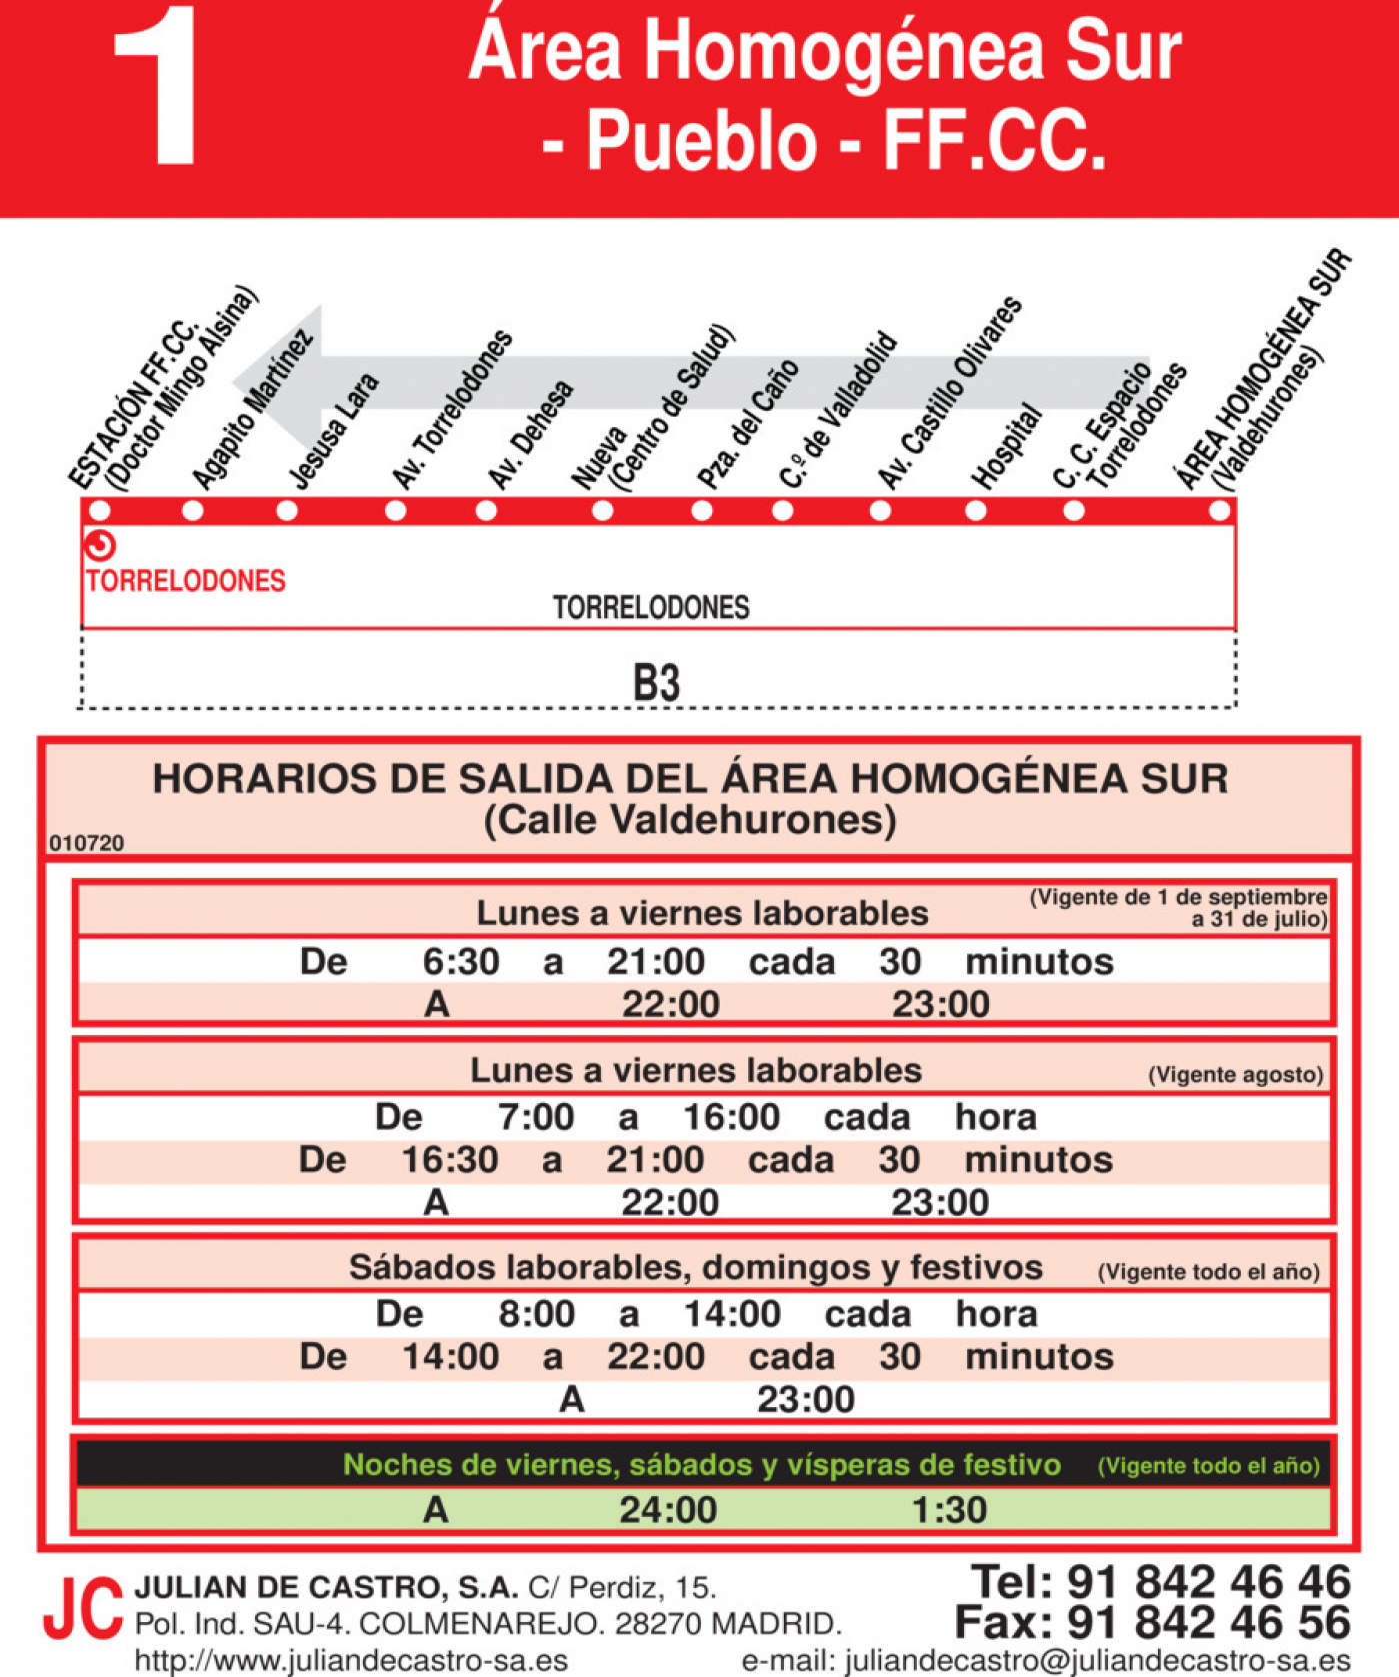 Tabla de horarios y frecuencias de paso en sentido vuelta Línea L-1 Torrelodones: Estación Cercanías RENFE - Colonia - Pueblo - Área Homogénea Sur